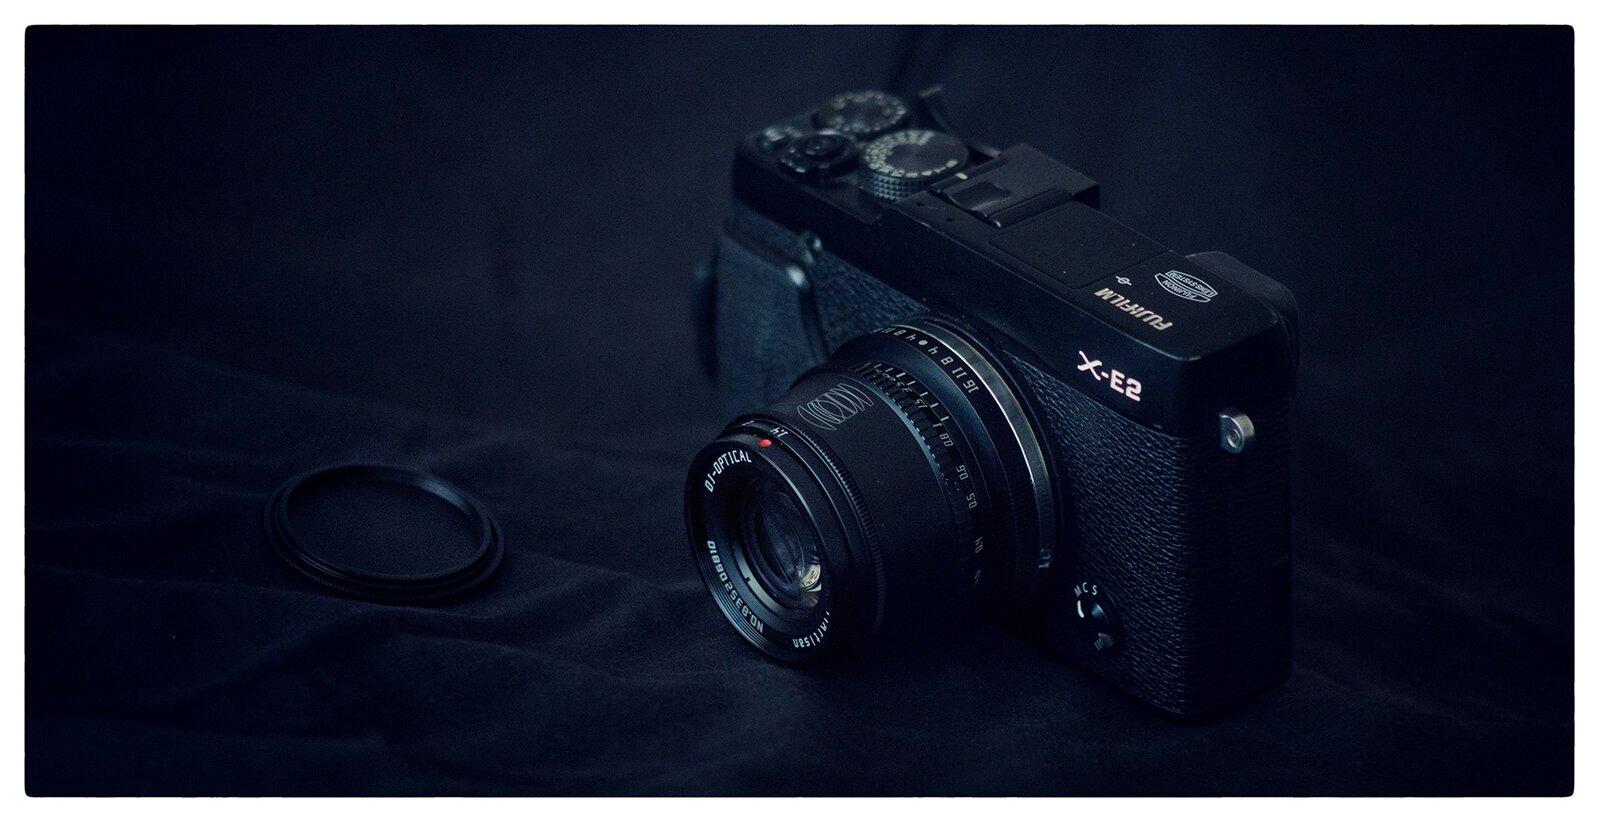 PICTOGRAMAX - 2021 - TTARTISAN 35mm f14 - MODELLING - 00.jpg